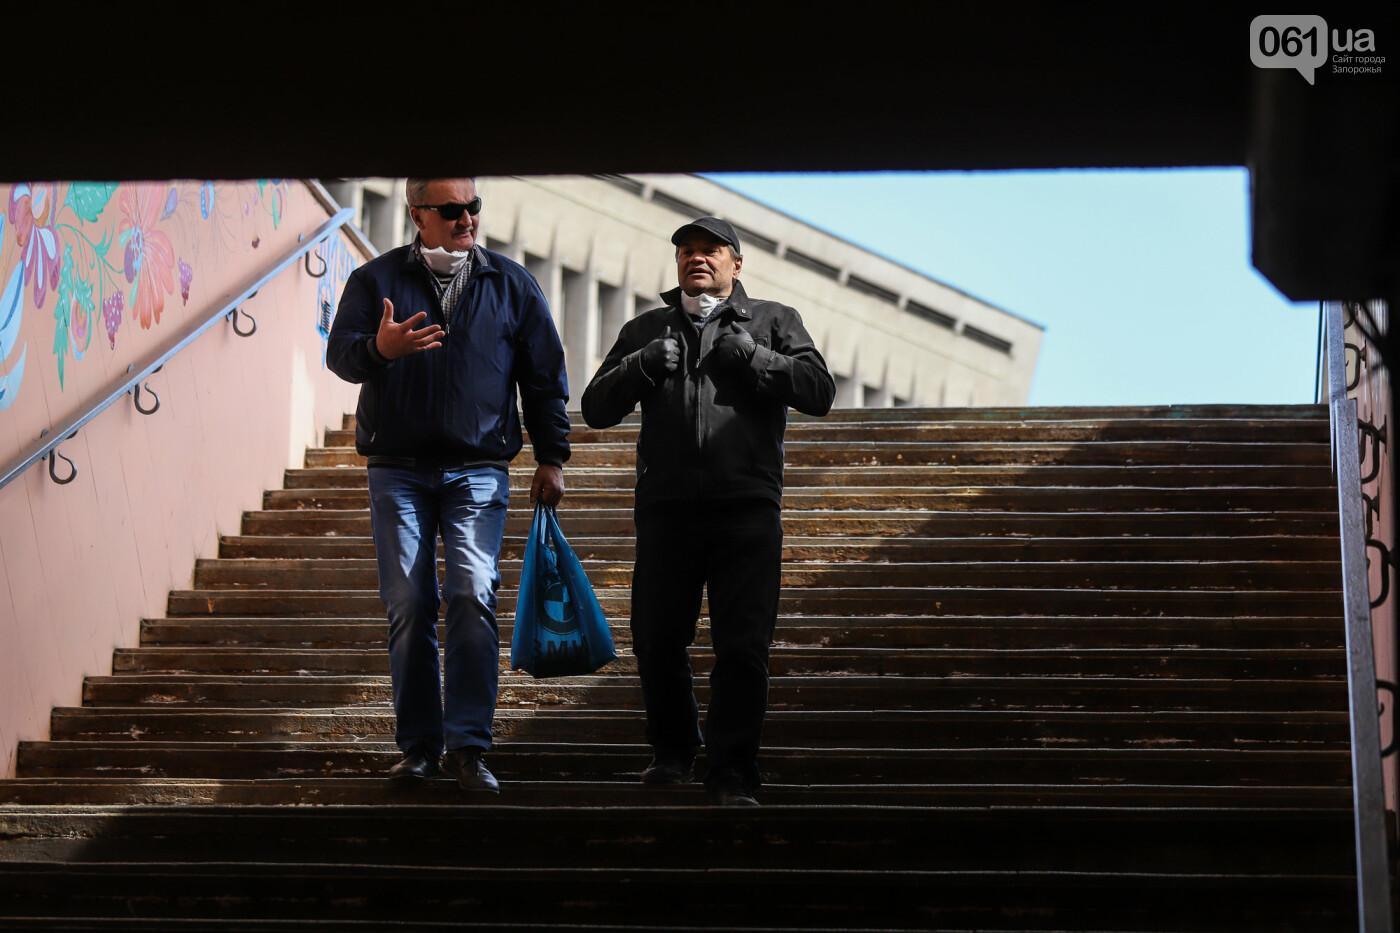 Вход только в масках: как выглядит Запорожье на карантине, - ФОТОРЕПОРТАЖ, фото-16